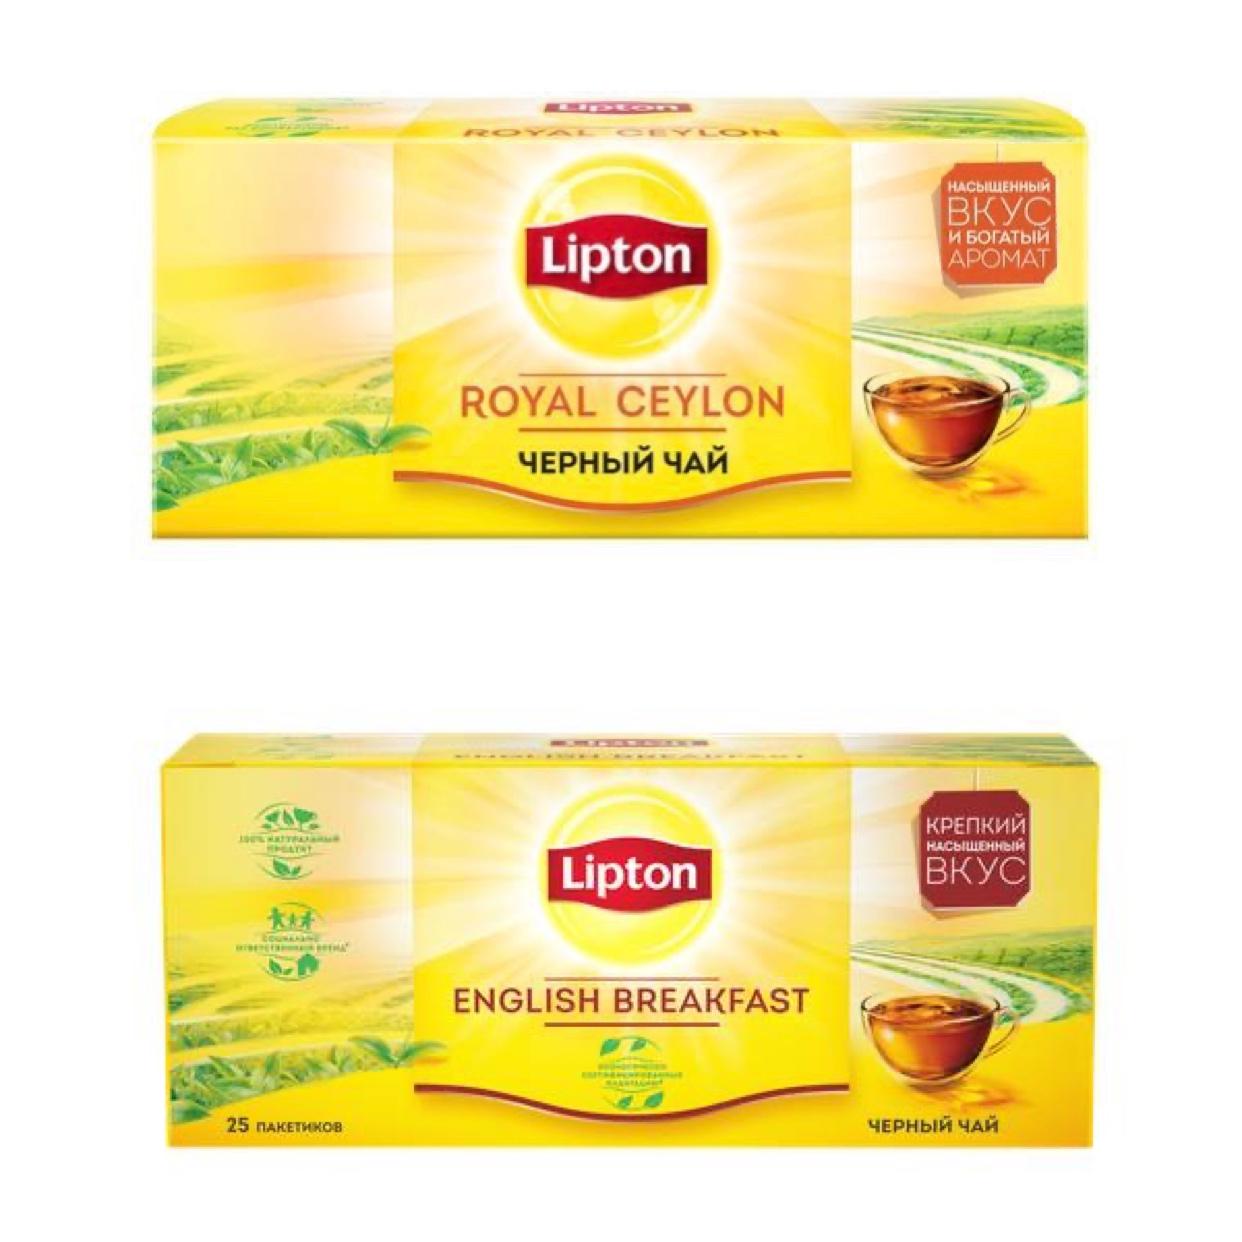 Чай Липтон 2г*25 пак.  -Роял Цейлон -Английский завтрак